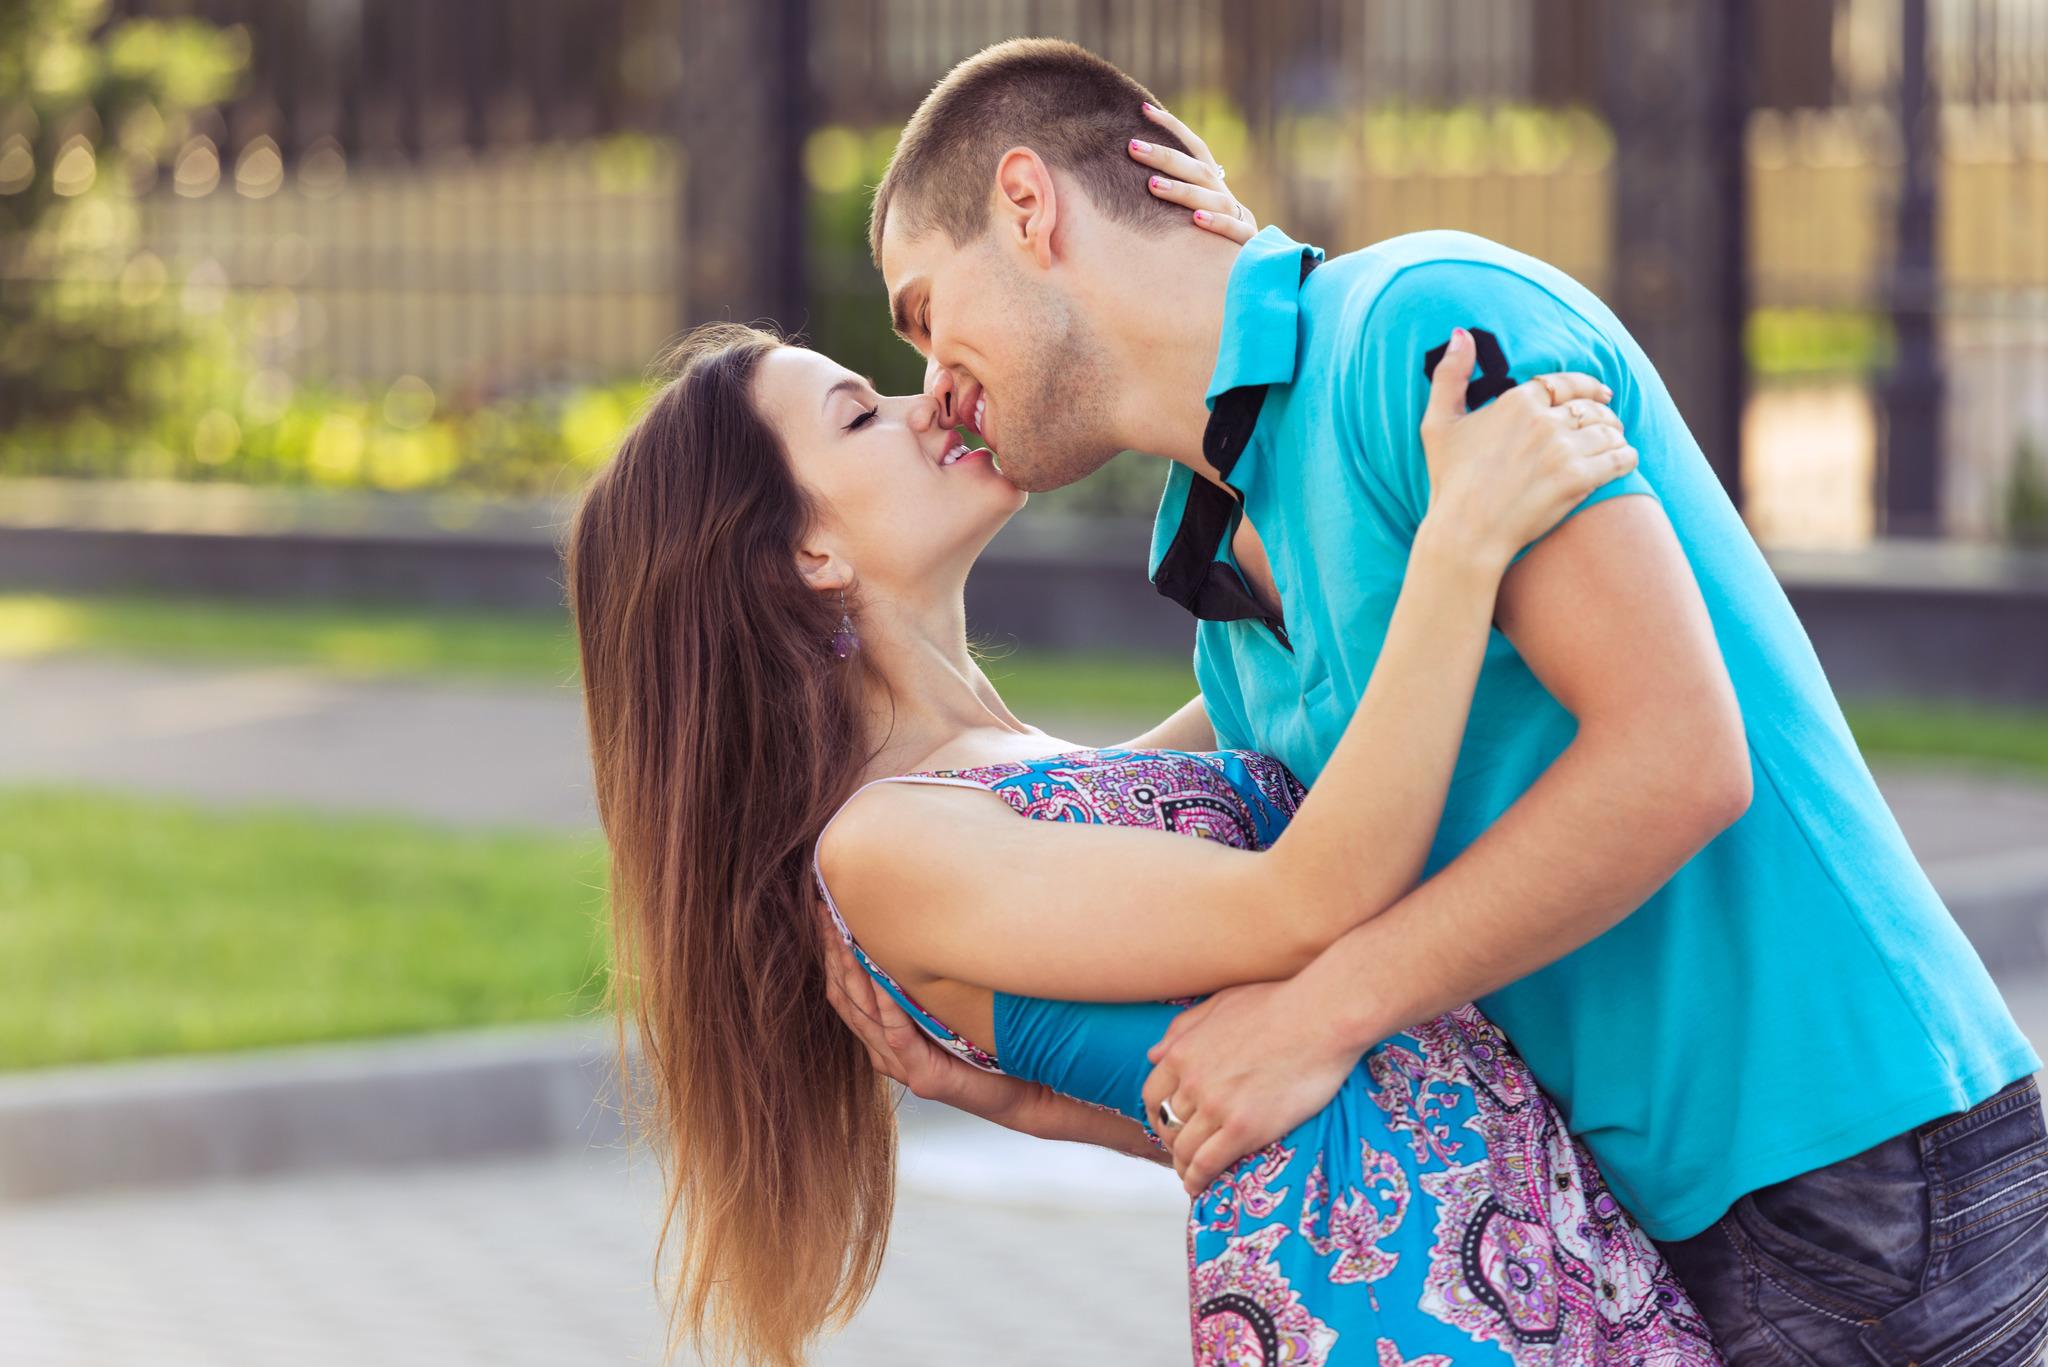 Walding christliche partnervermittlung, Flirt in adnet